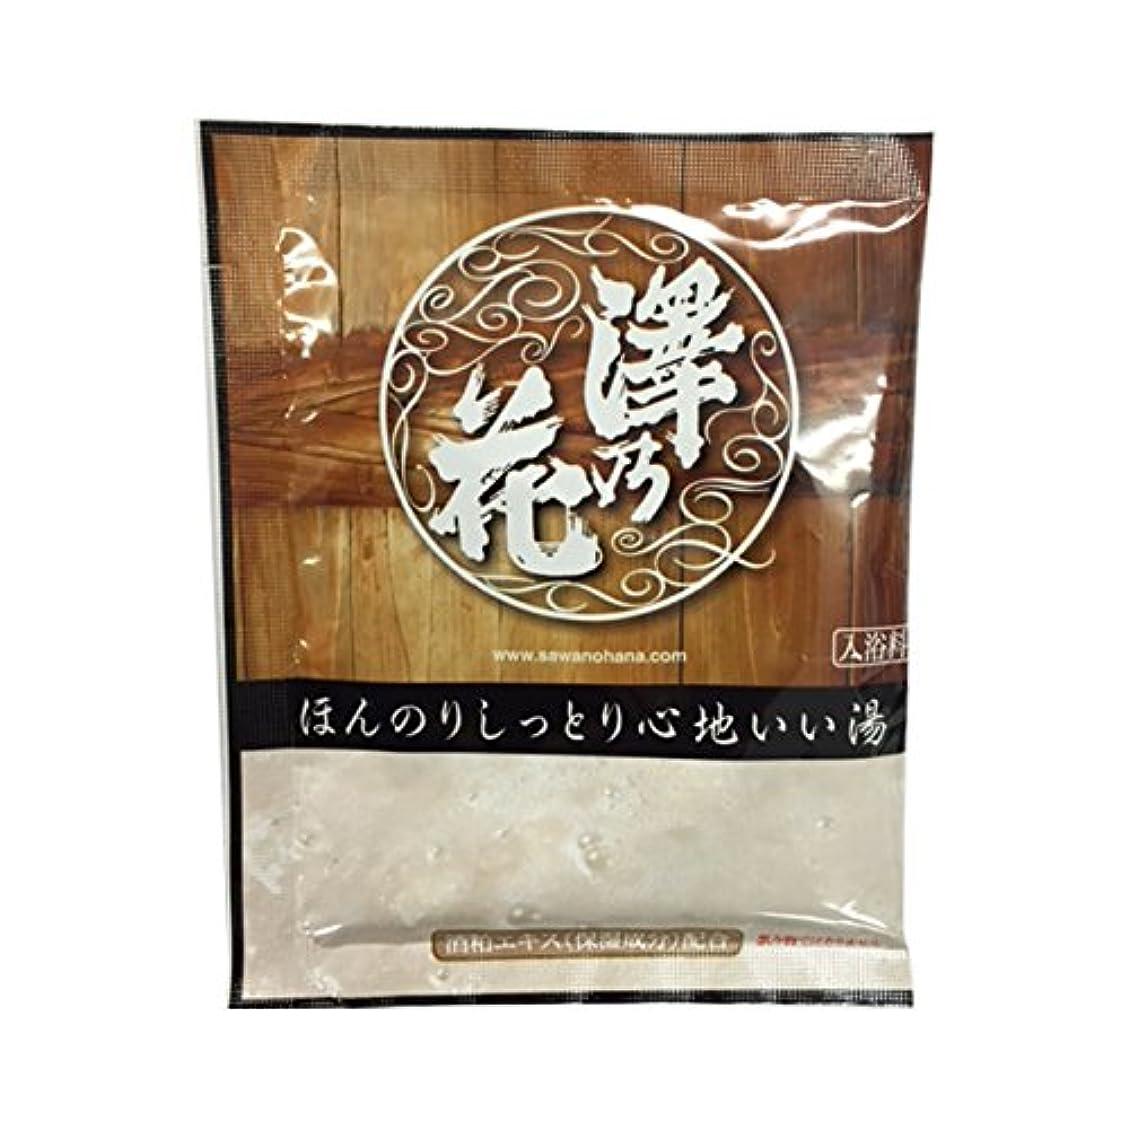 疫病六月宿日本生化学 澤乃花 酒粕入浴料 25G